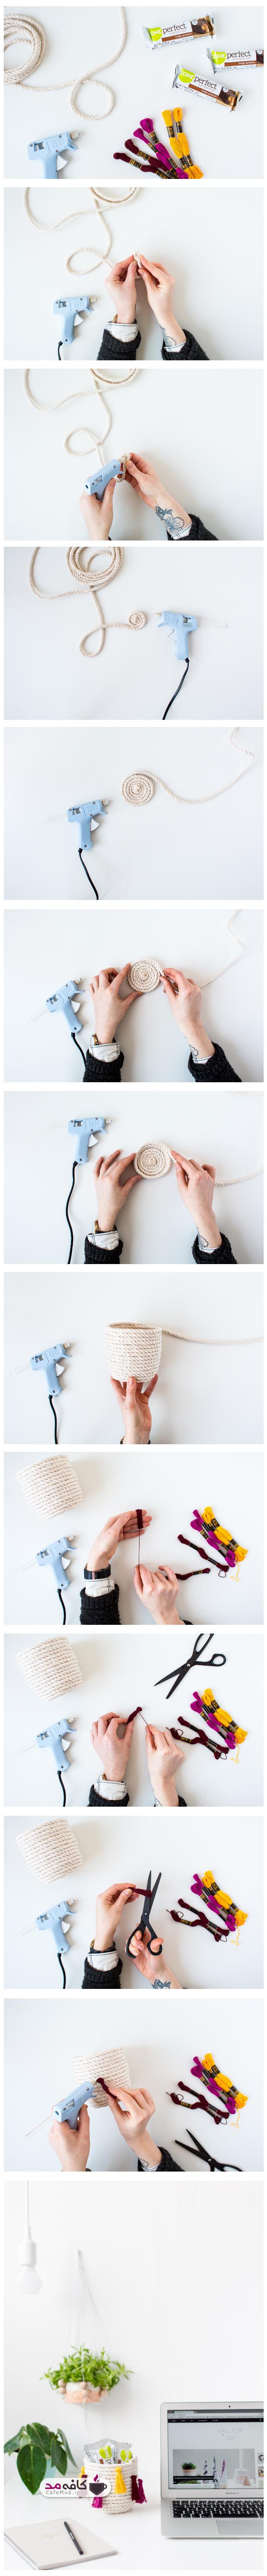 آموزش ساخت لیوان طنابی